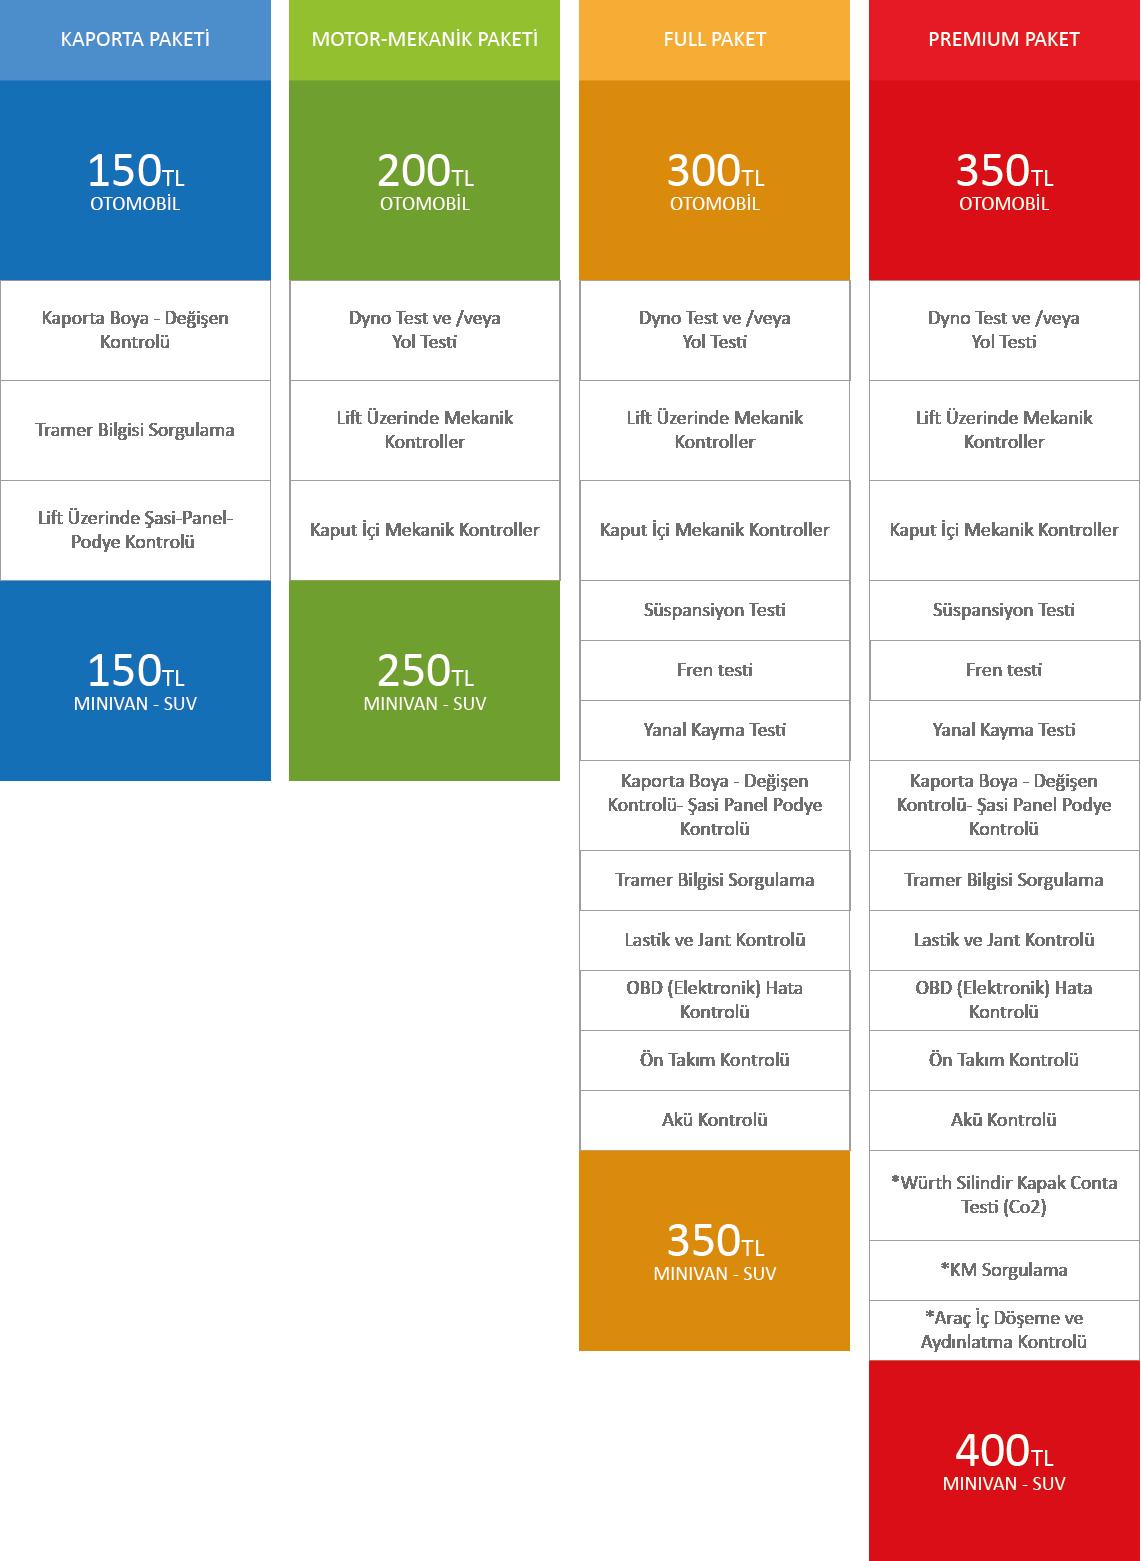 oto ekspertiz fiyatları